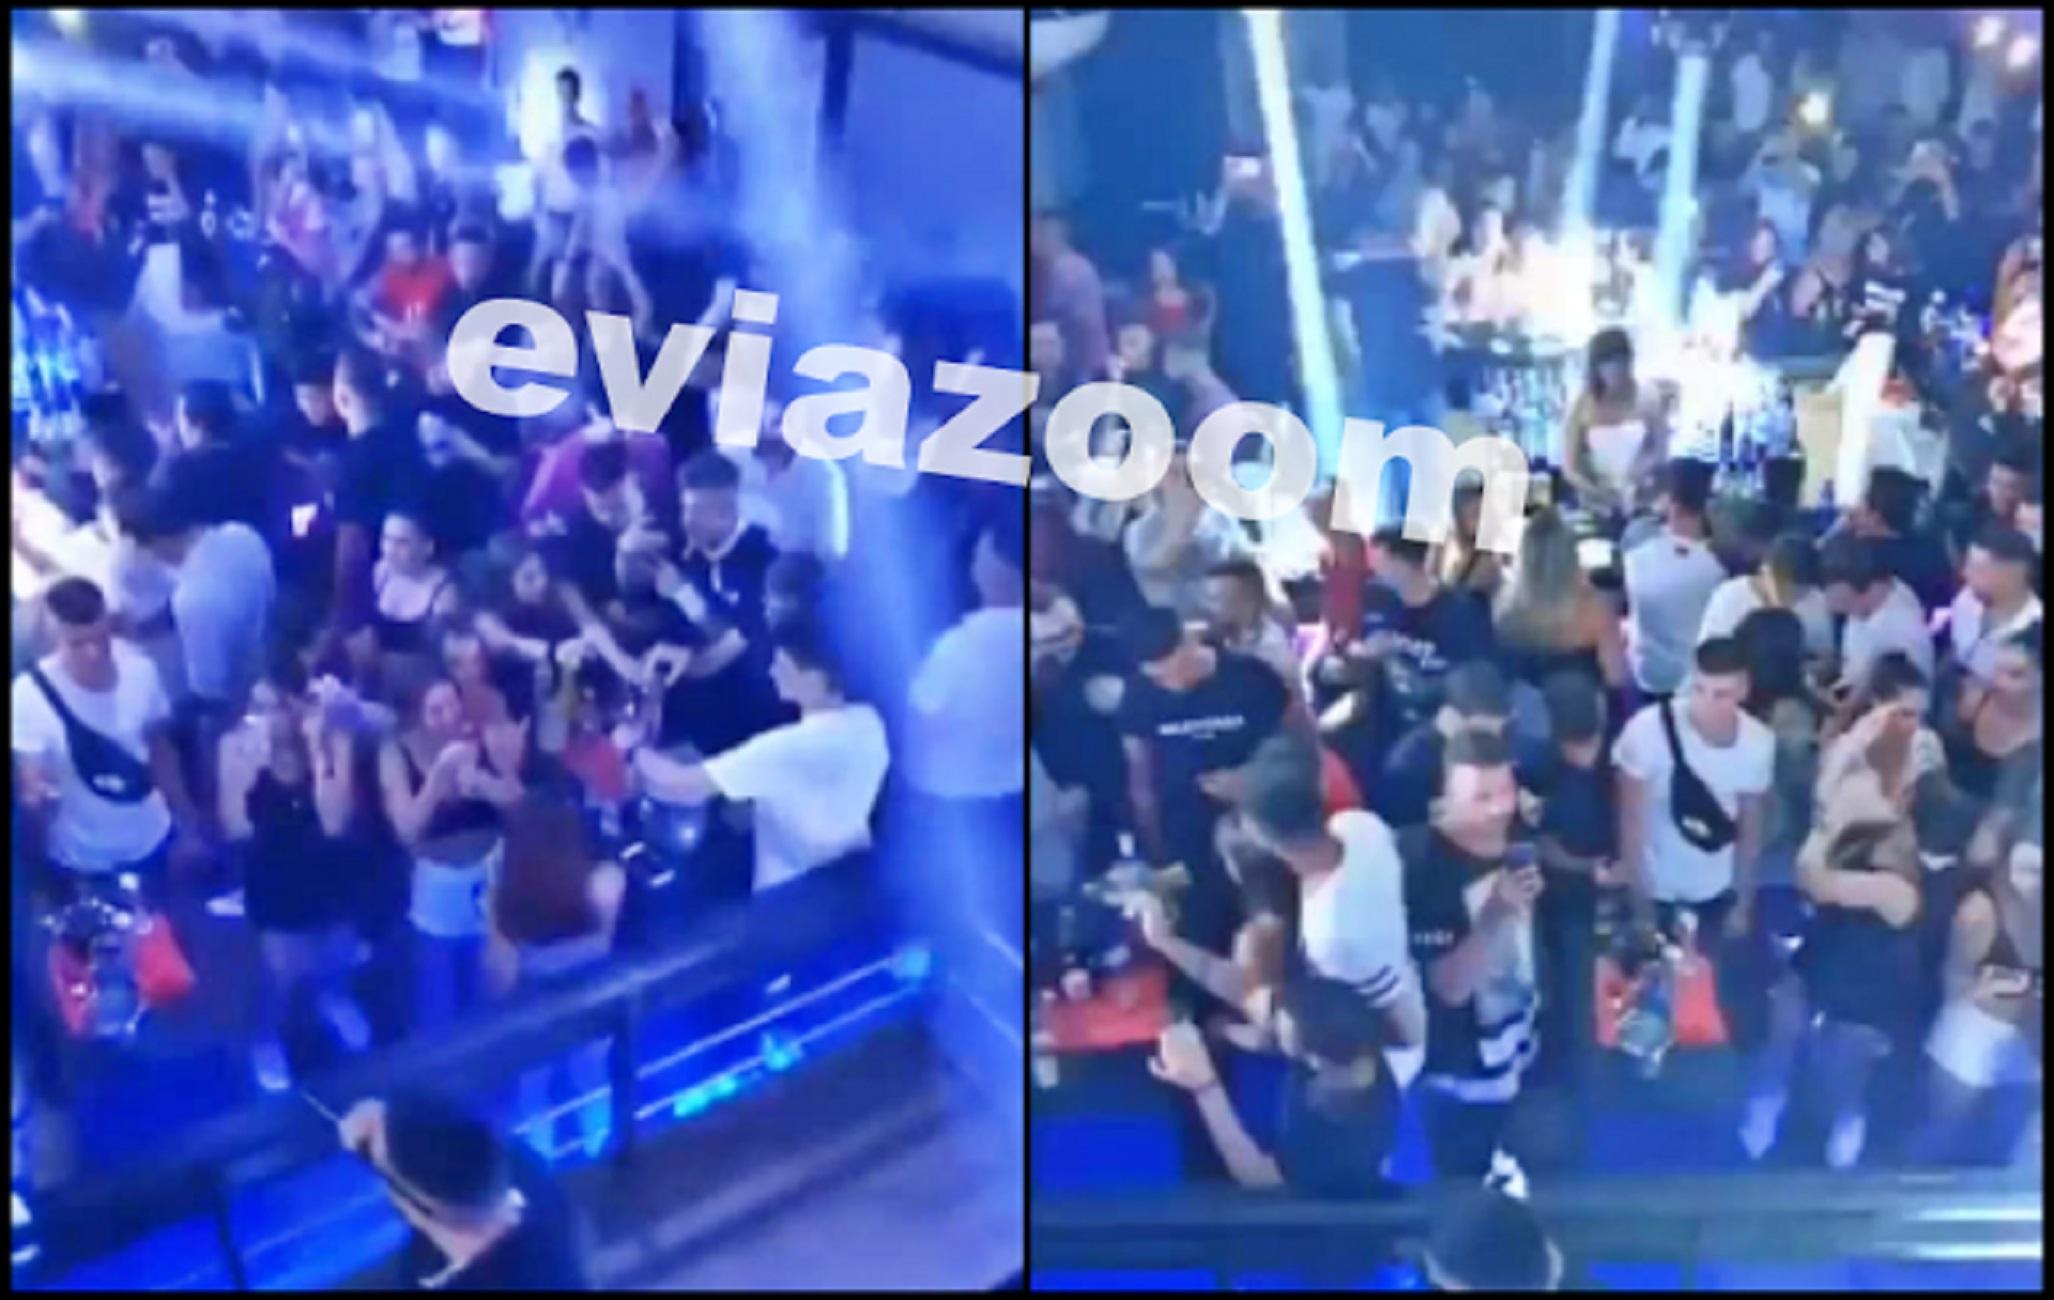 Εύβοια: Ξέφρενο πάρτι …συνωστισμού με γνωστό ράπερ σε club στα Νέα Στύρα (video)